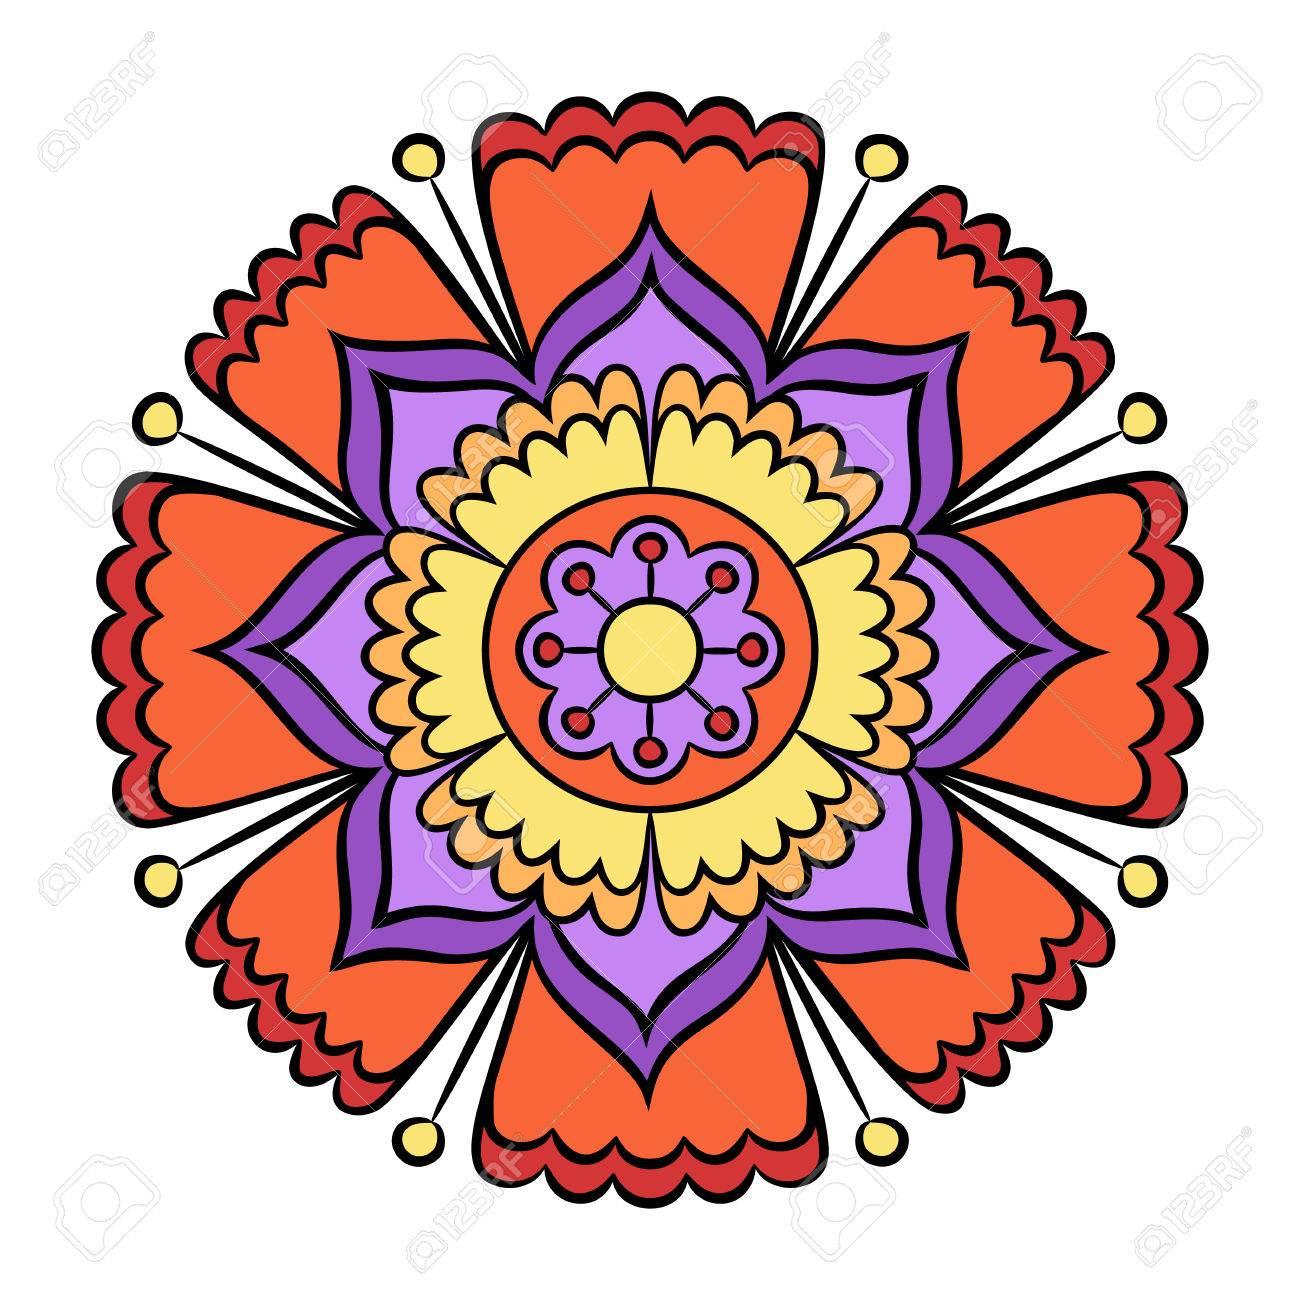 Fleur De Doodle Boho Et Mandala De Style Ethnique Art Décoratif Coloré Pour Des Cartes Danniversaire Invitations De Mariage Et De Douche De Bébé